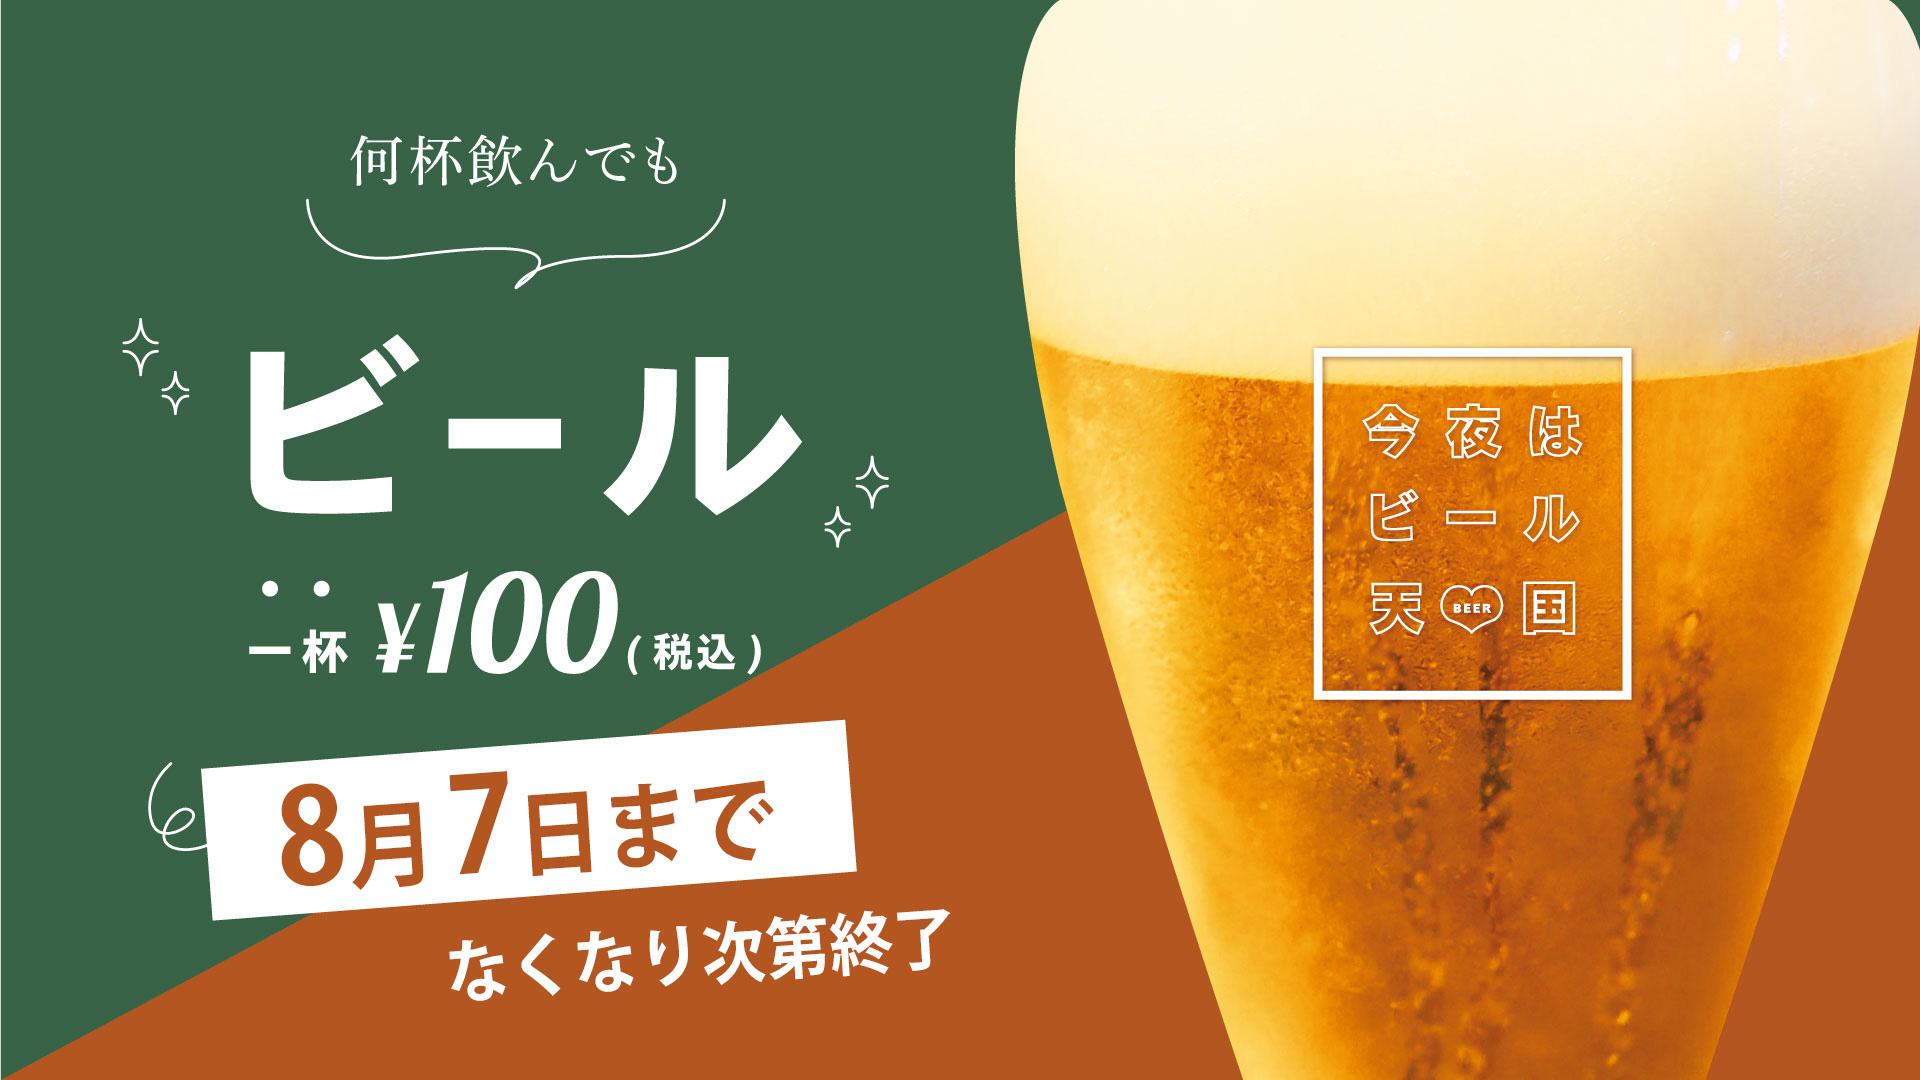 緊急!【ビール1杯100円】まん防でのビールロスをみんなで削減! 8月7日(土)まで名古屋ゲートタワー12階「バルバラ グッドビア レストラン」で。